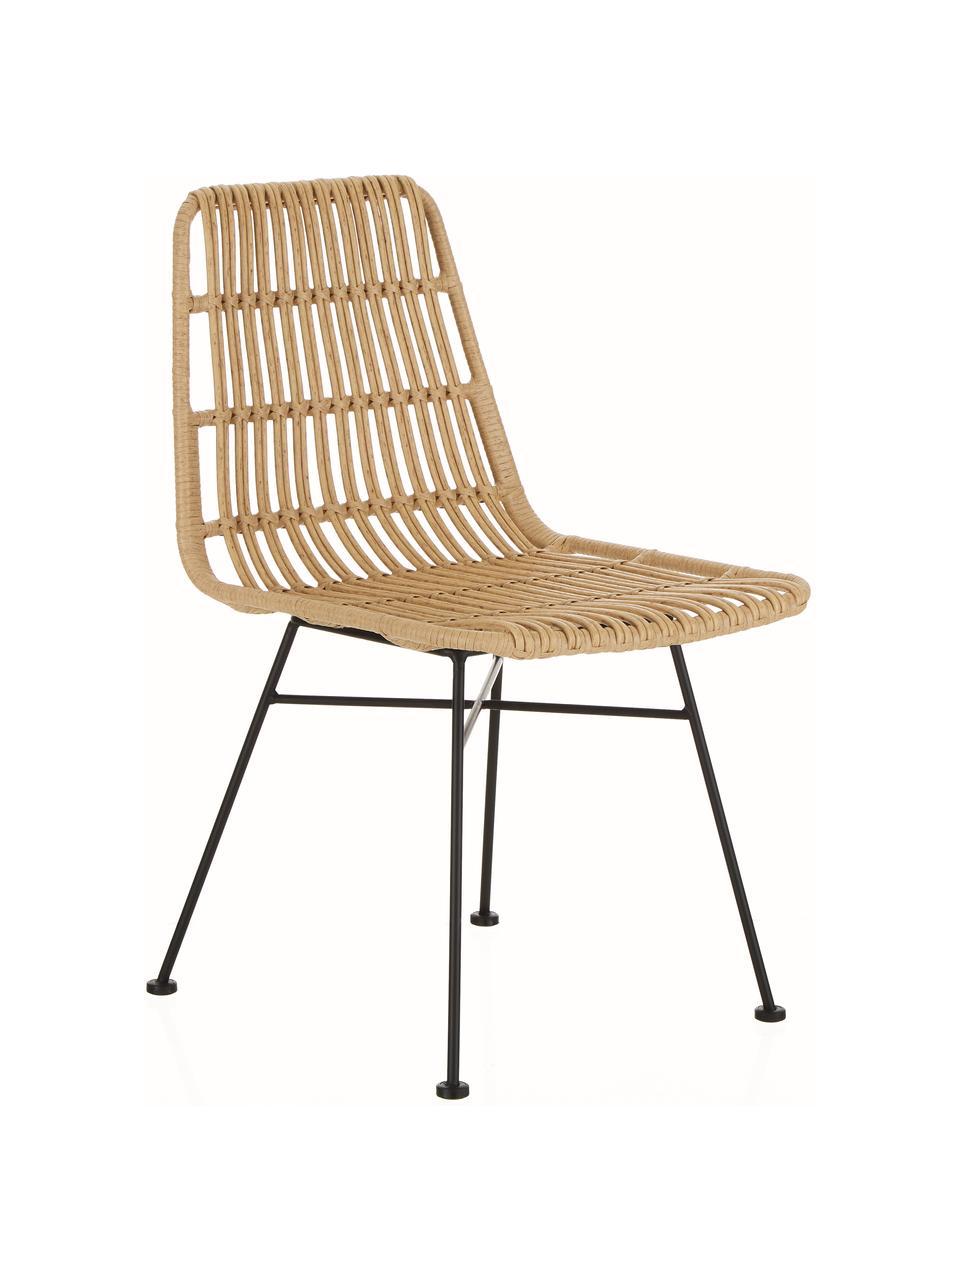 Polyrotan stoelen Costa, 2 stuks, Zitvlak: polyethyleen-vlechtwerk, Frame: gepoedercoat metaal, Lichtbruin, zwart, B 47 x D 61 cm